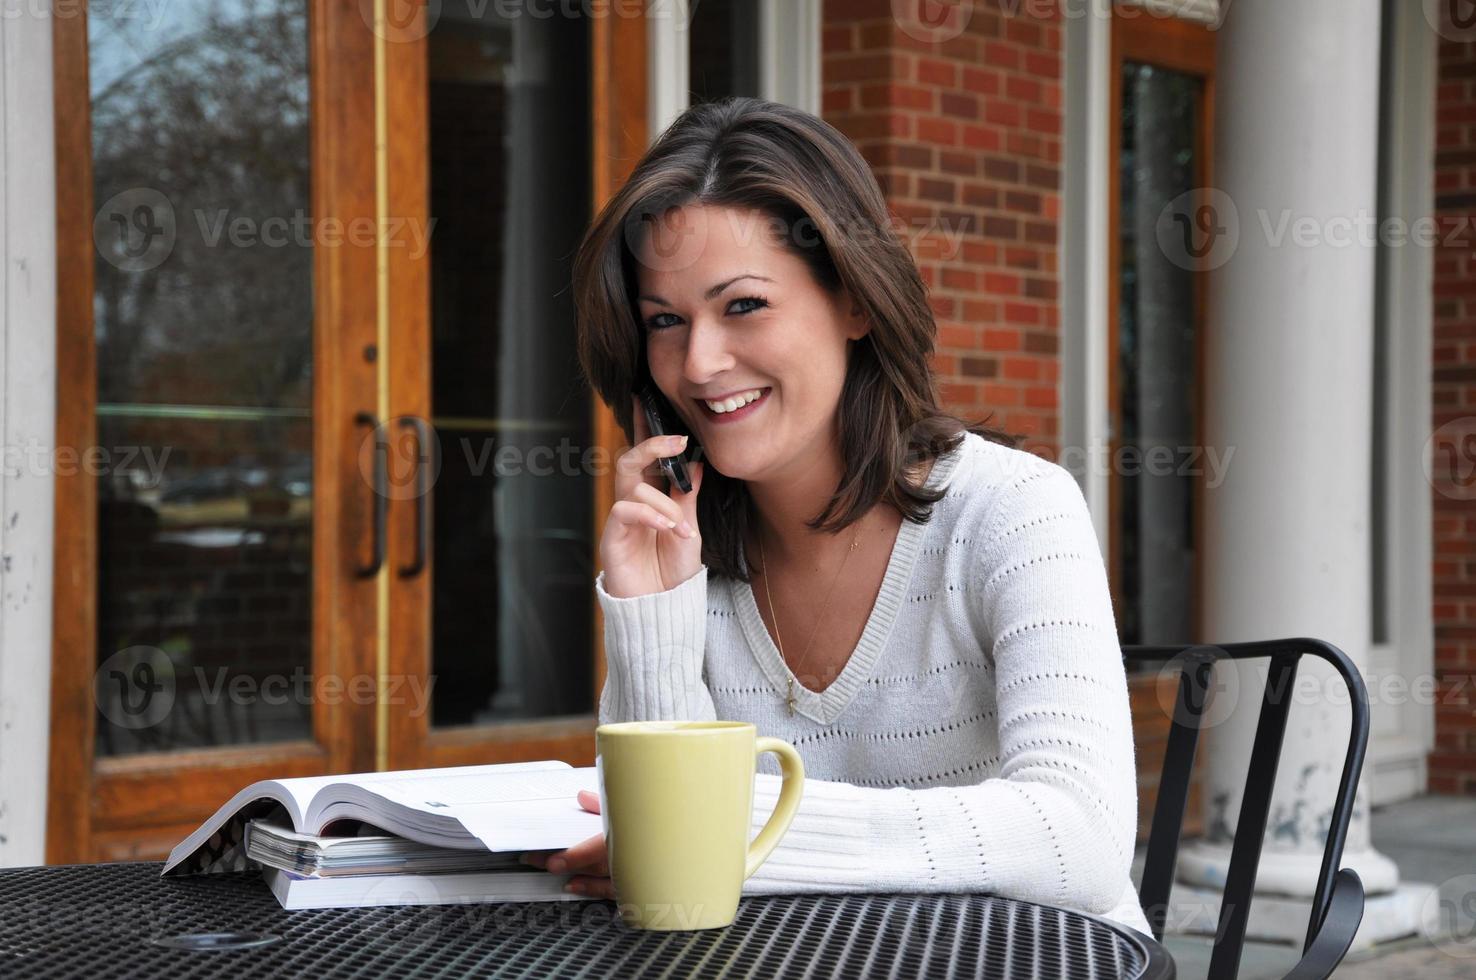 studentessa che studia con libri di testo e telefono cellulare foto